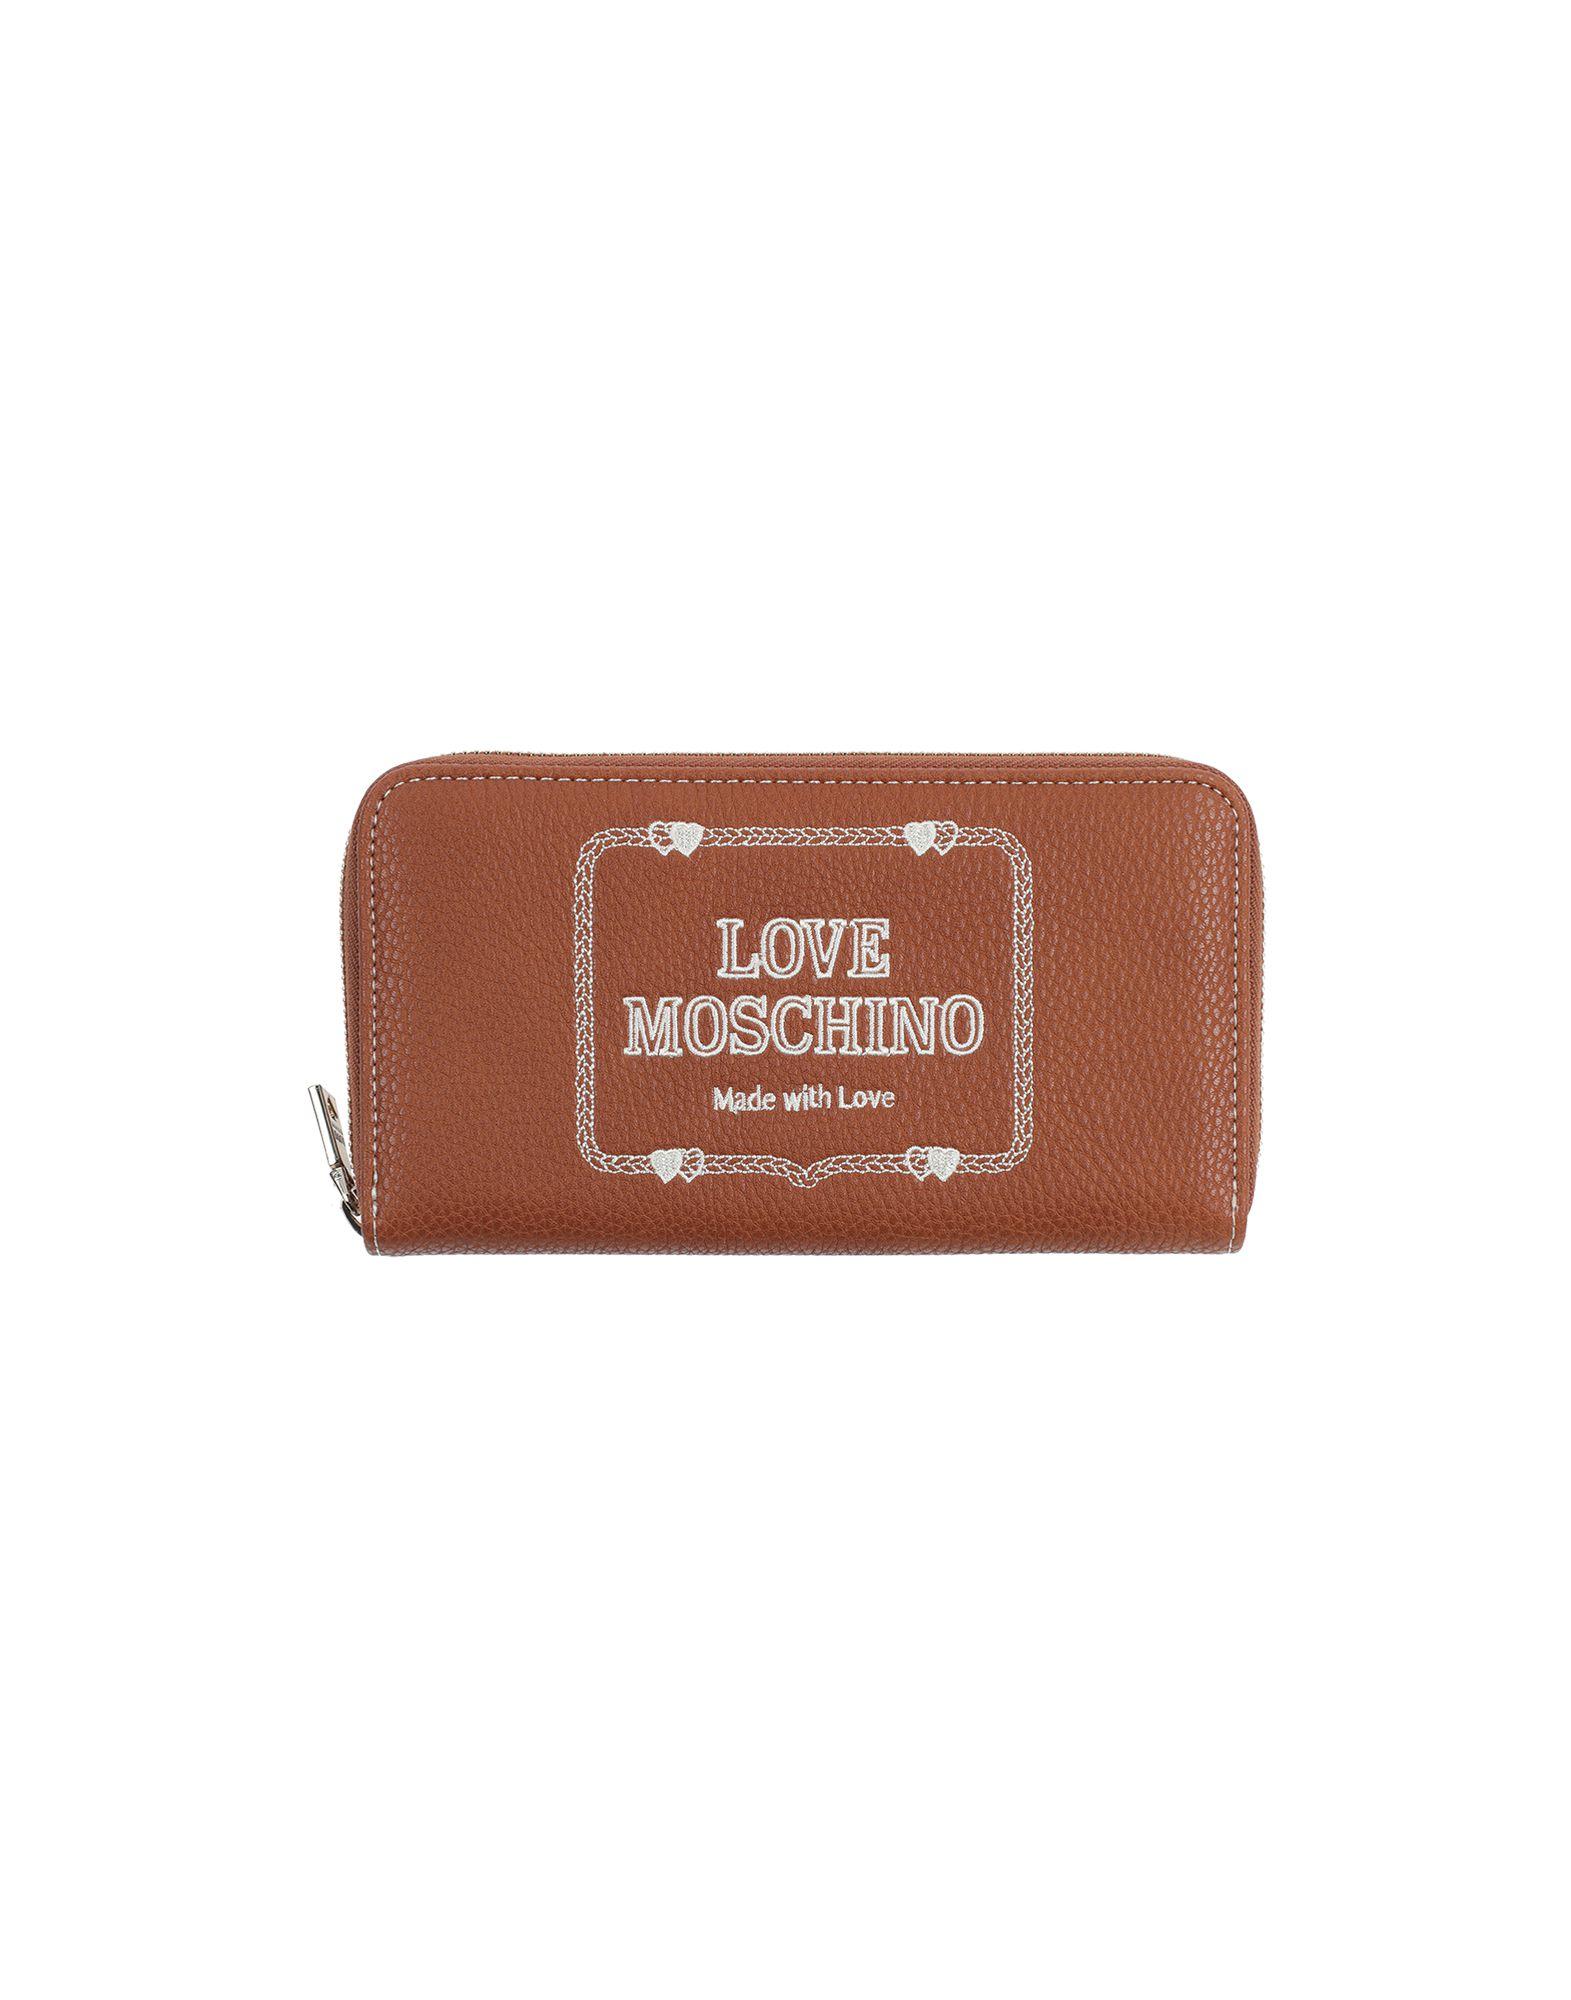 Фото - LOVE MOSCHINO Бумажник tua by braccialini бумажник